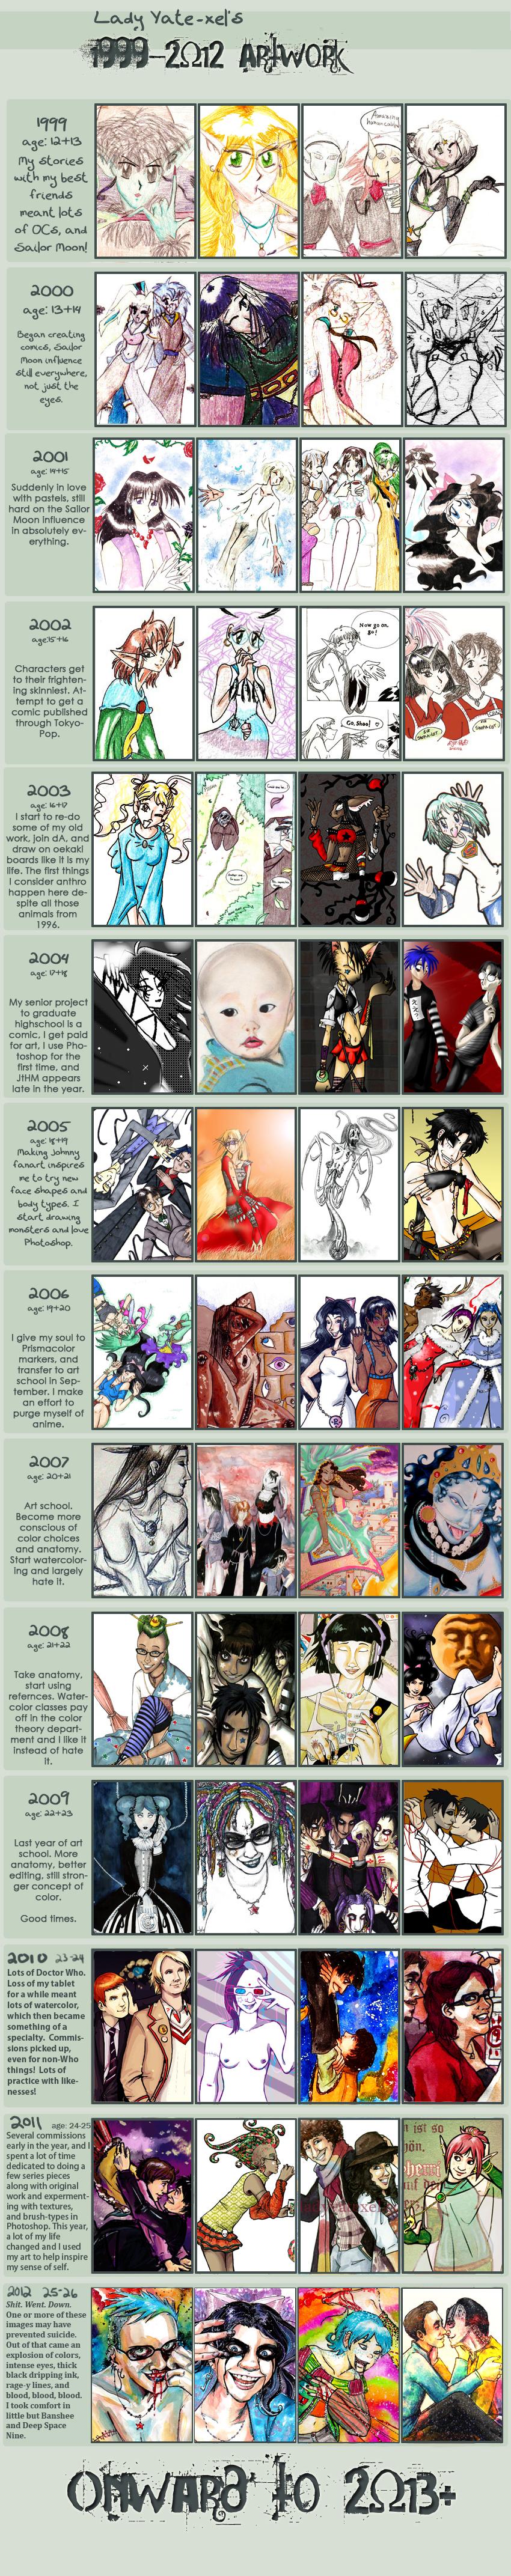 1999-2012 by ladyyatexel